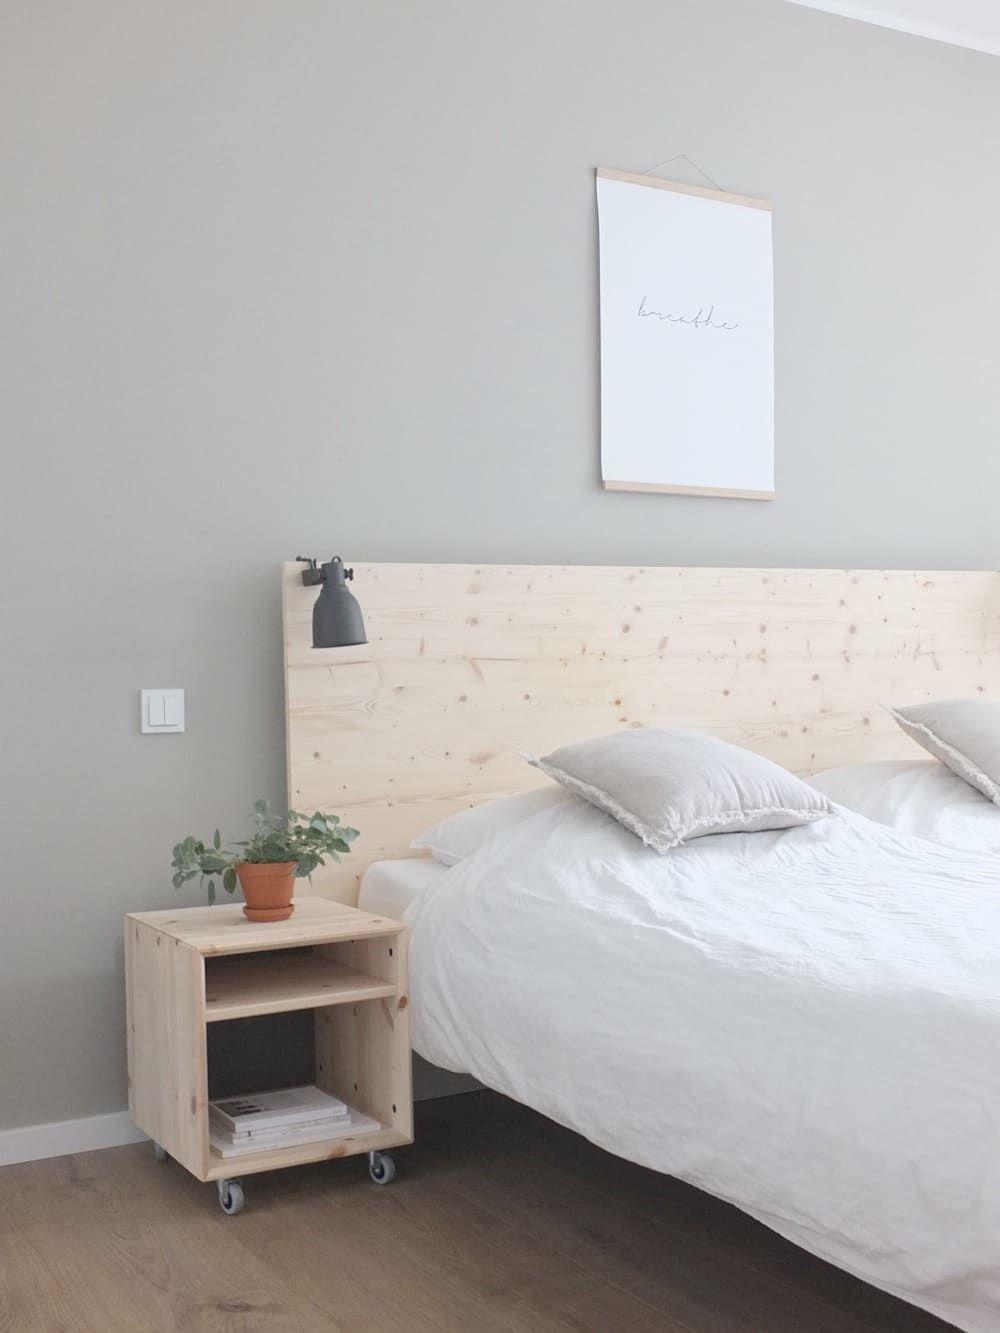 ikea-hack | | bedroom | | bedroom, bedroom decor, bed